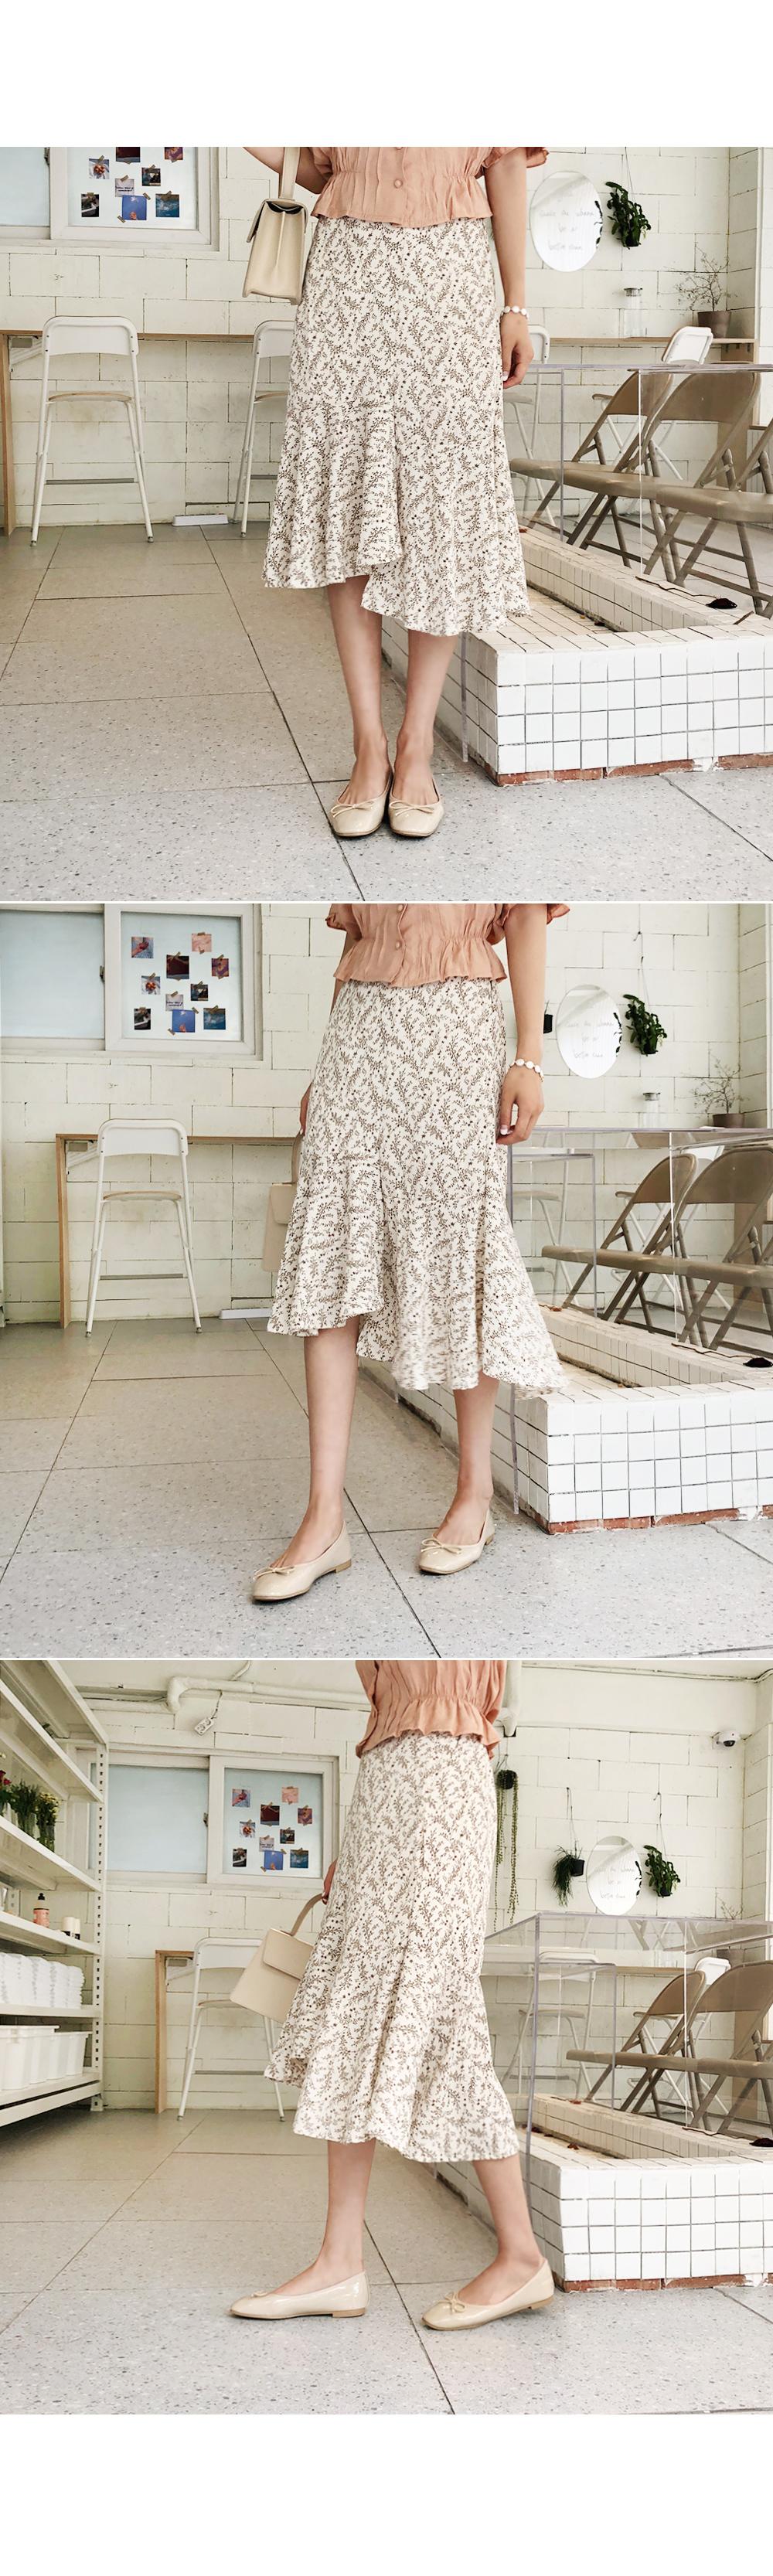 Sweet and sweet flower skirt